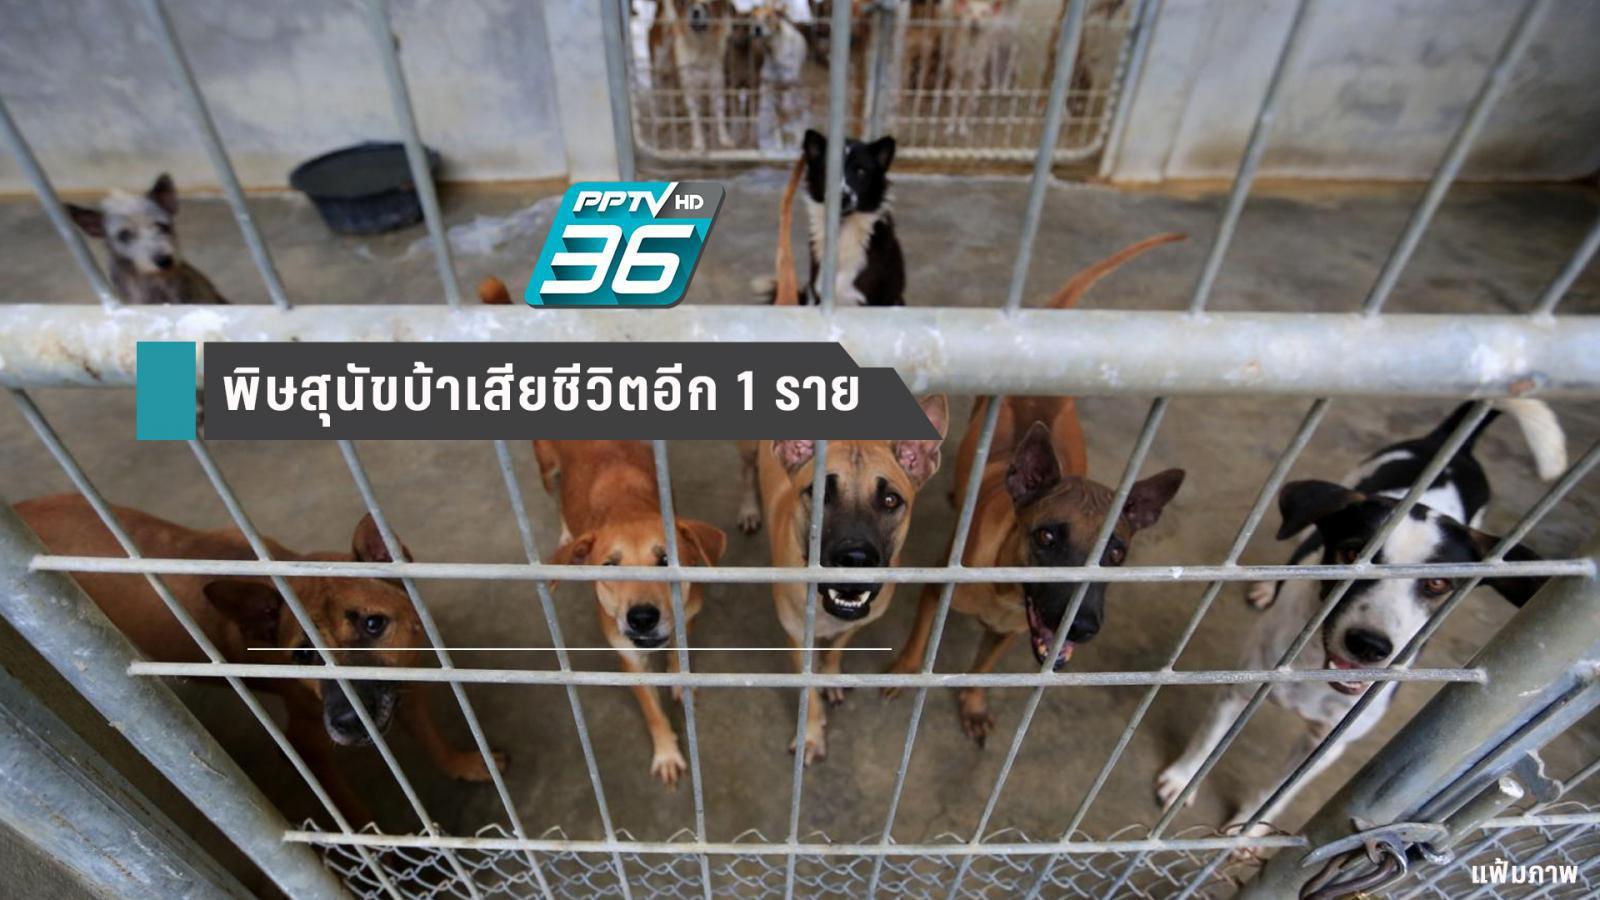 พิษสุนัขบ้าคร่าชีวิตรายที่ 3 ของปี 62